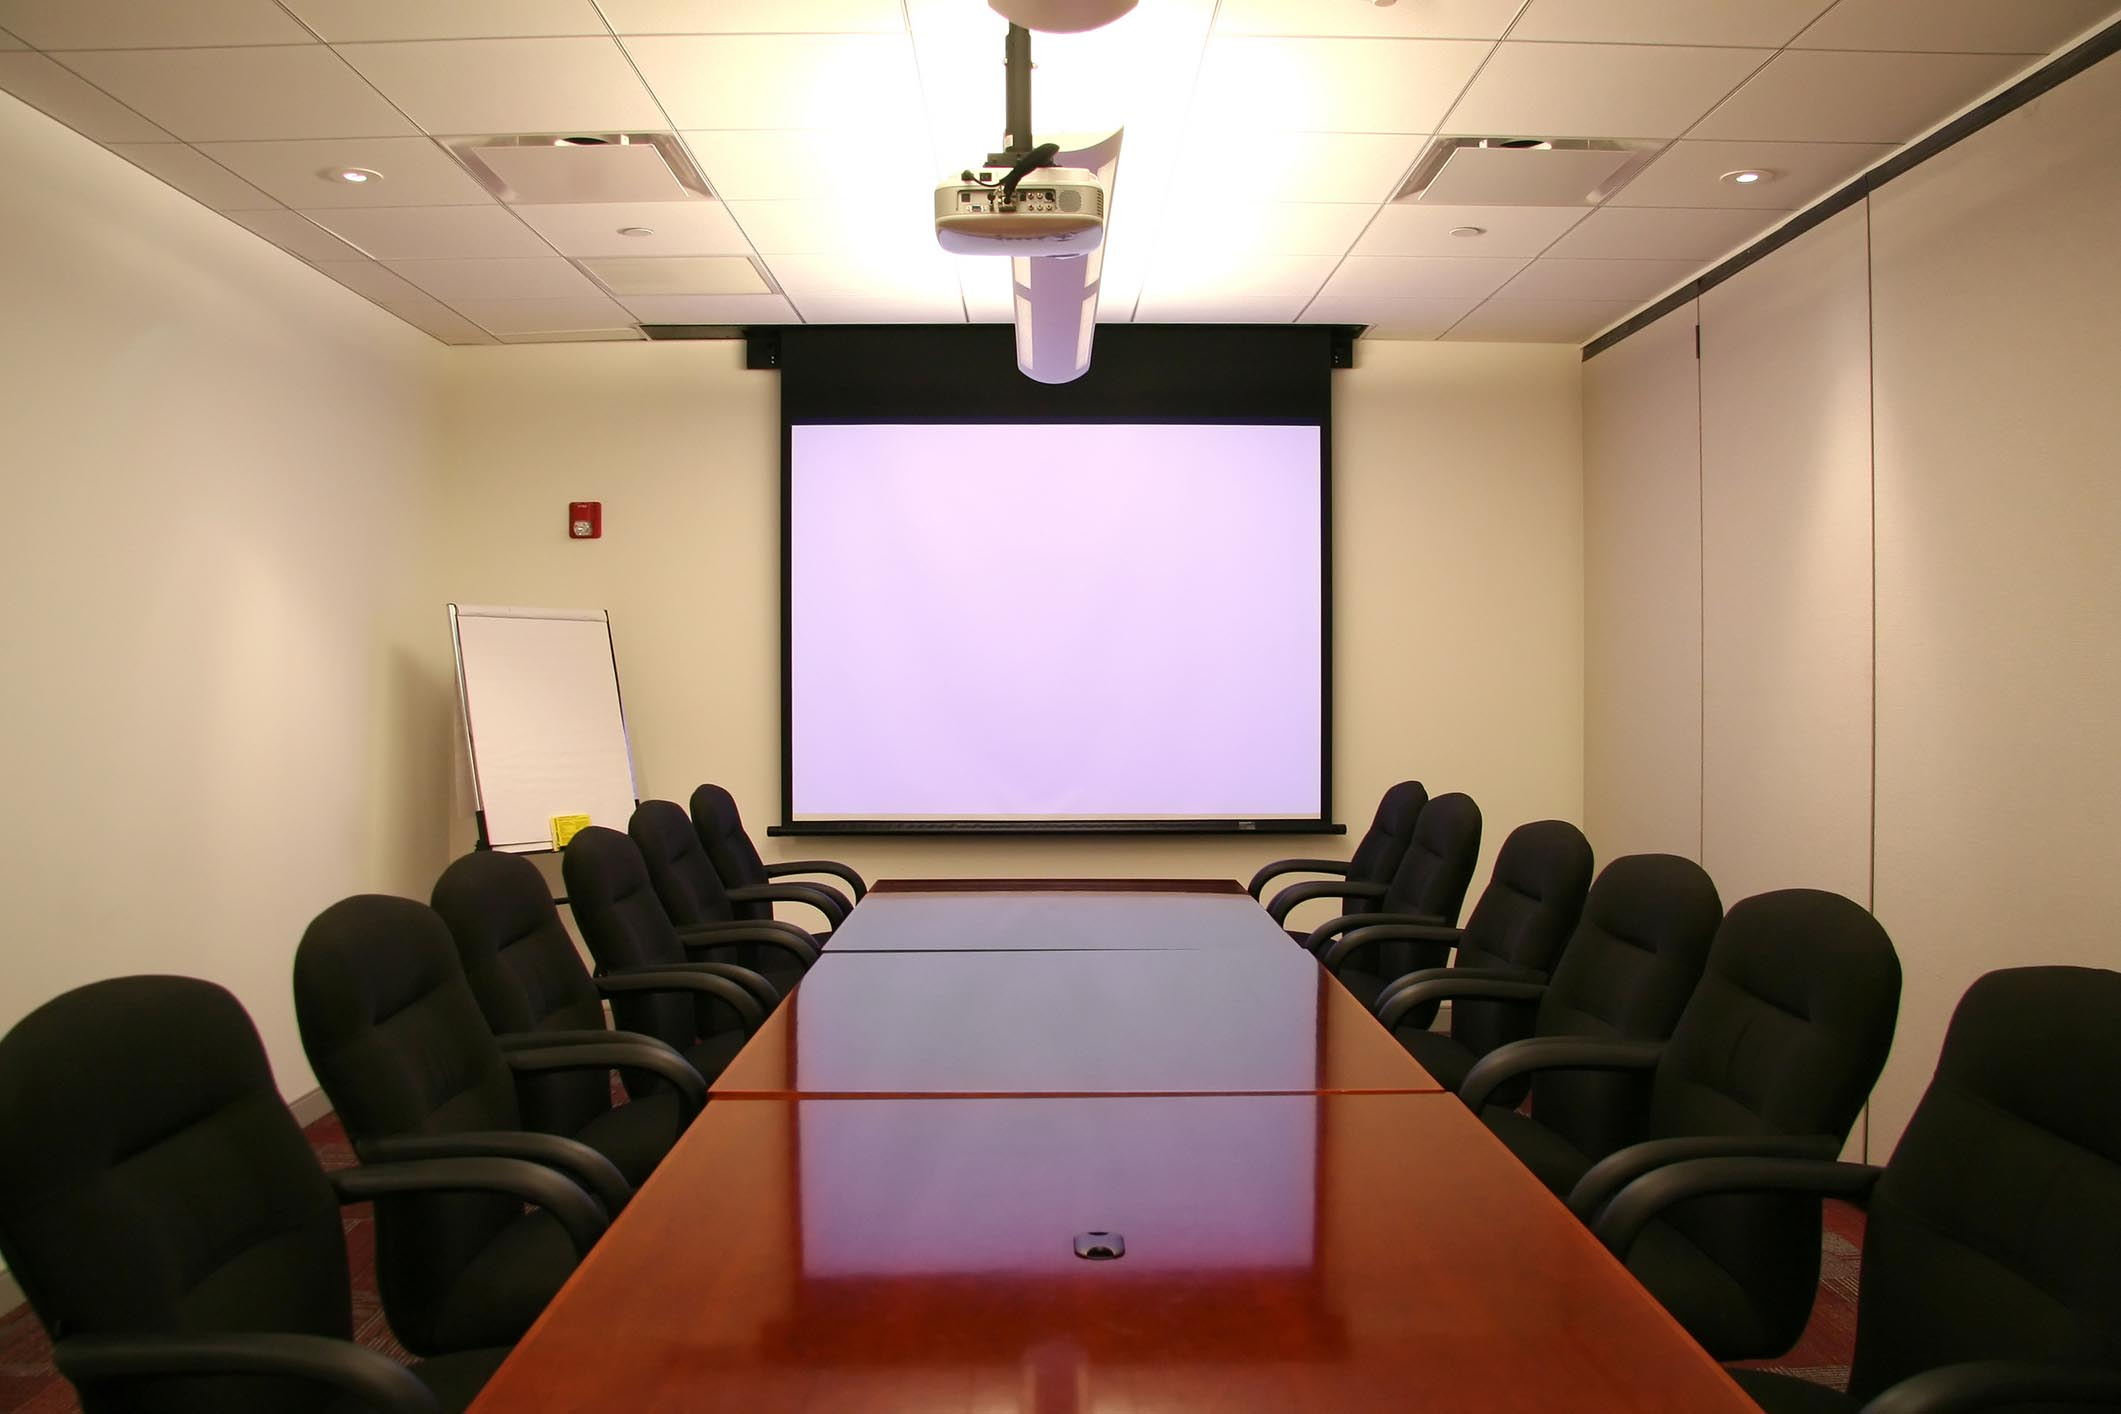 Mua máy chiếu văn phòng ở đâu tốt nhất ?